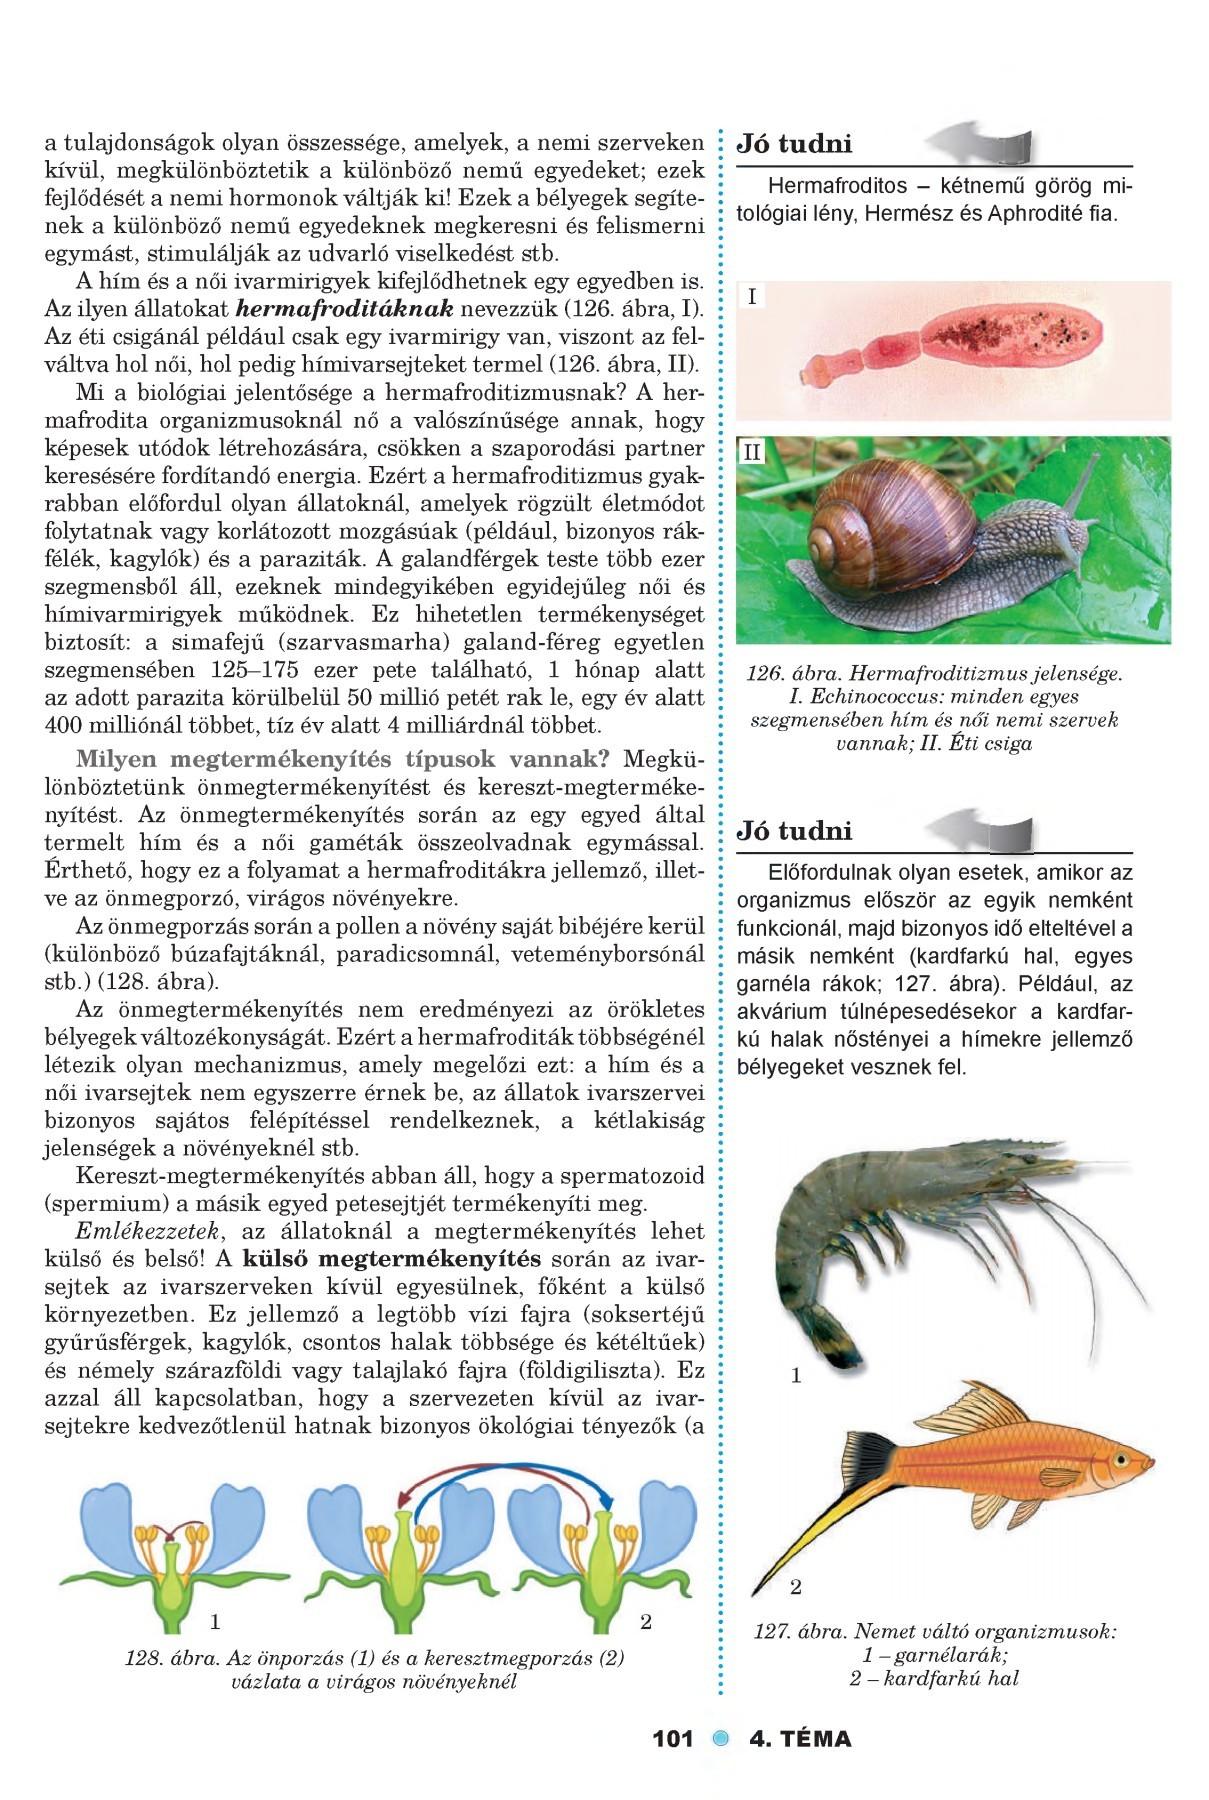 A parazita növények génlopással válnak egyre sikeresebbé | prohormones.hu